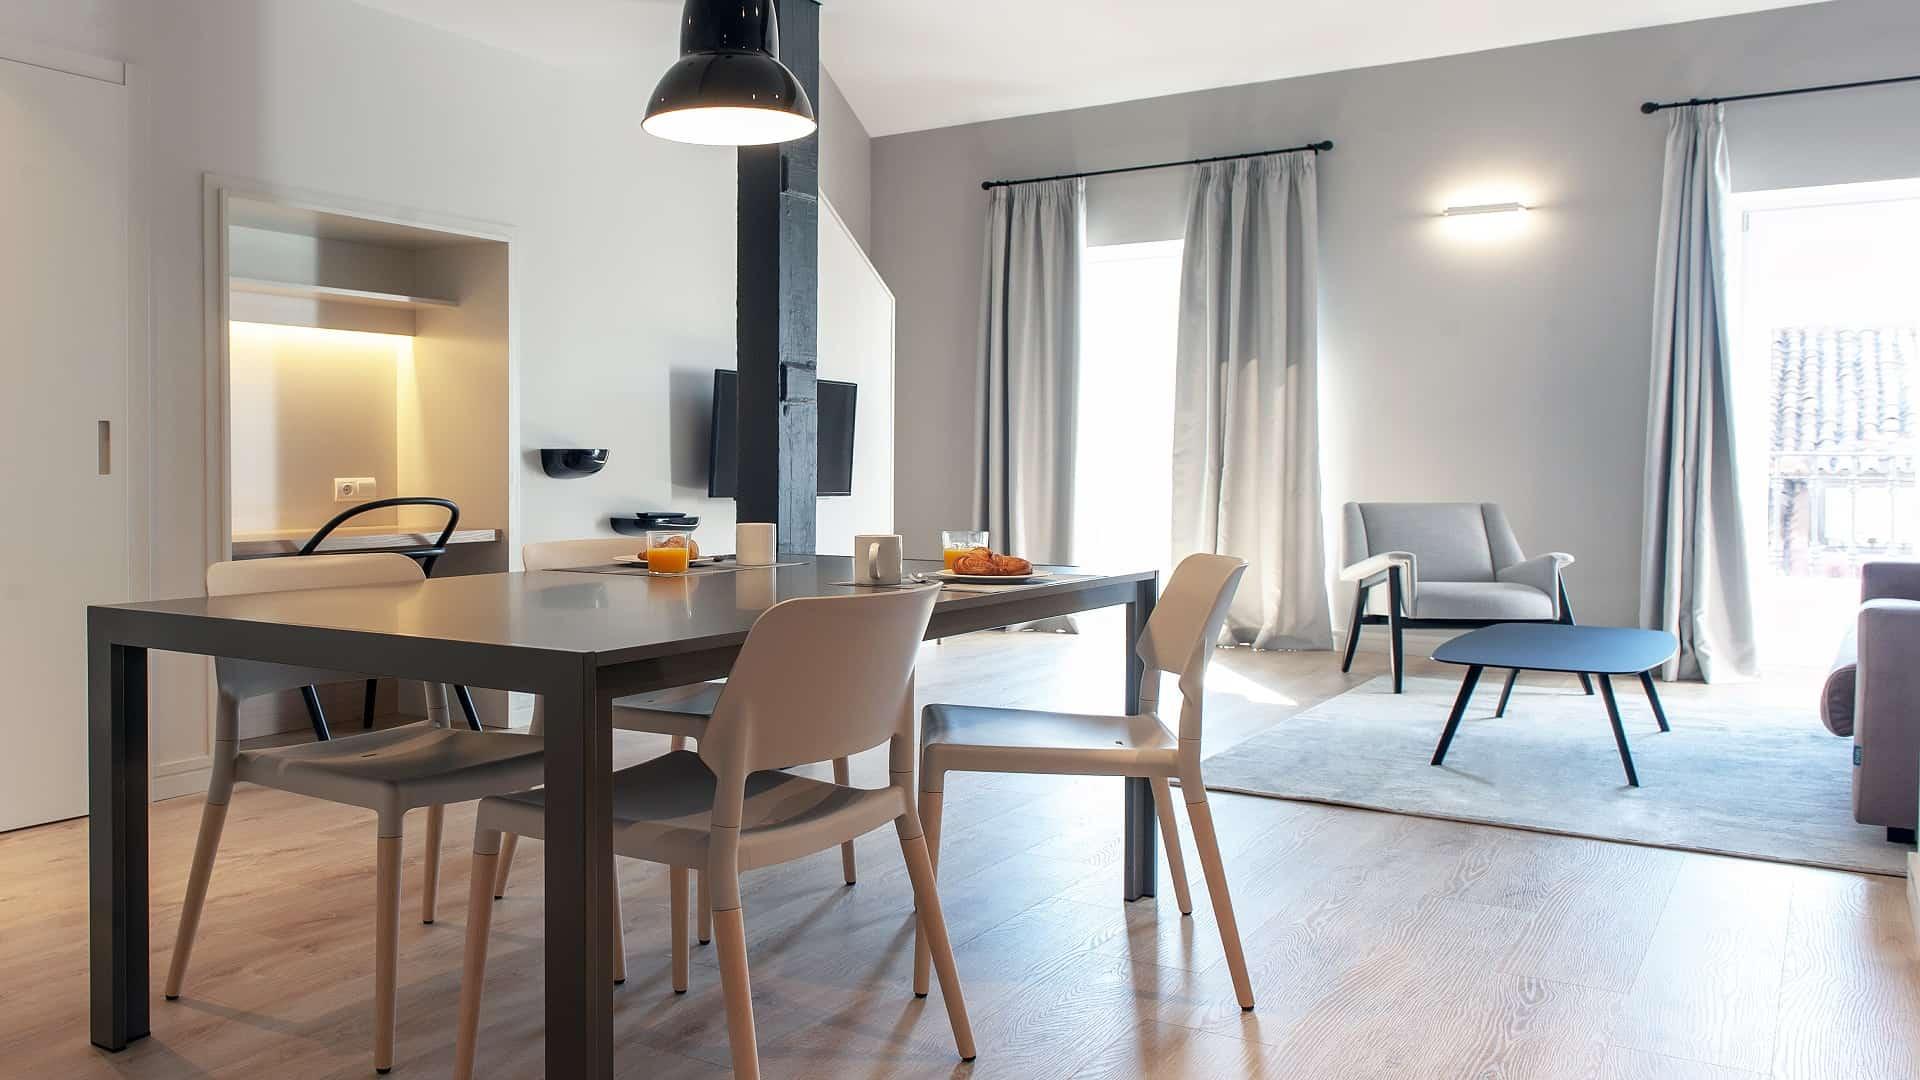 MH Apartments<br> Unterschiedliche Stil, gleiche Essenz